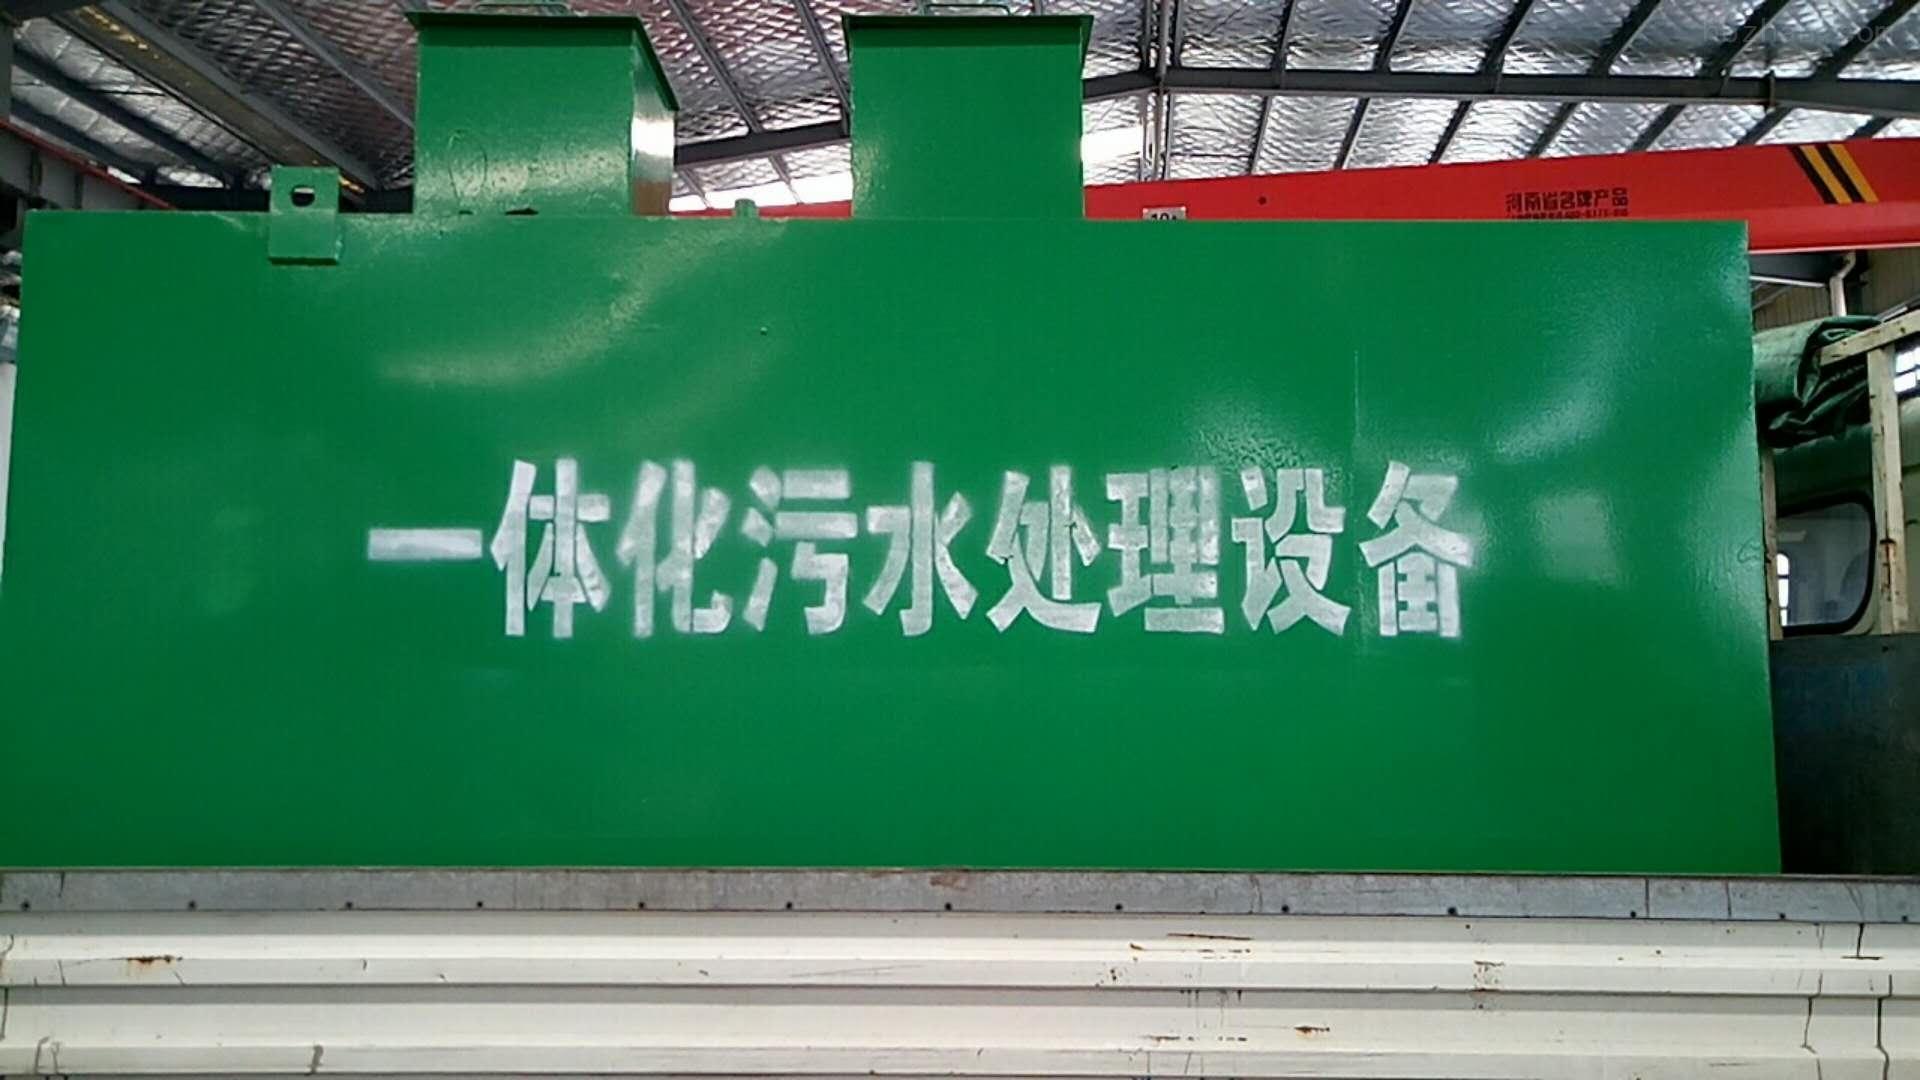 石嘴山市屠宰厂污水处理设备案例